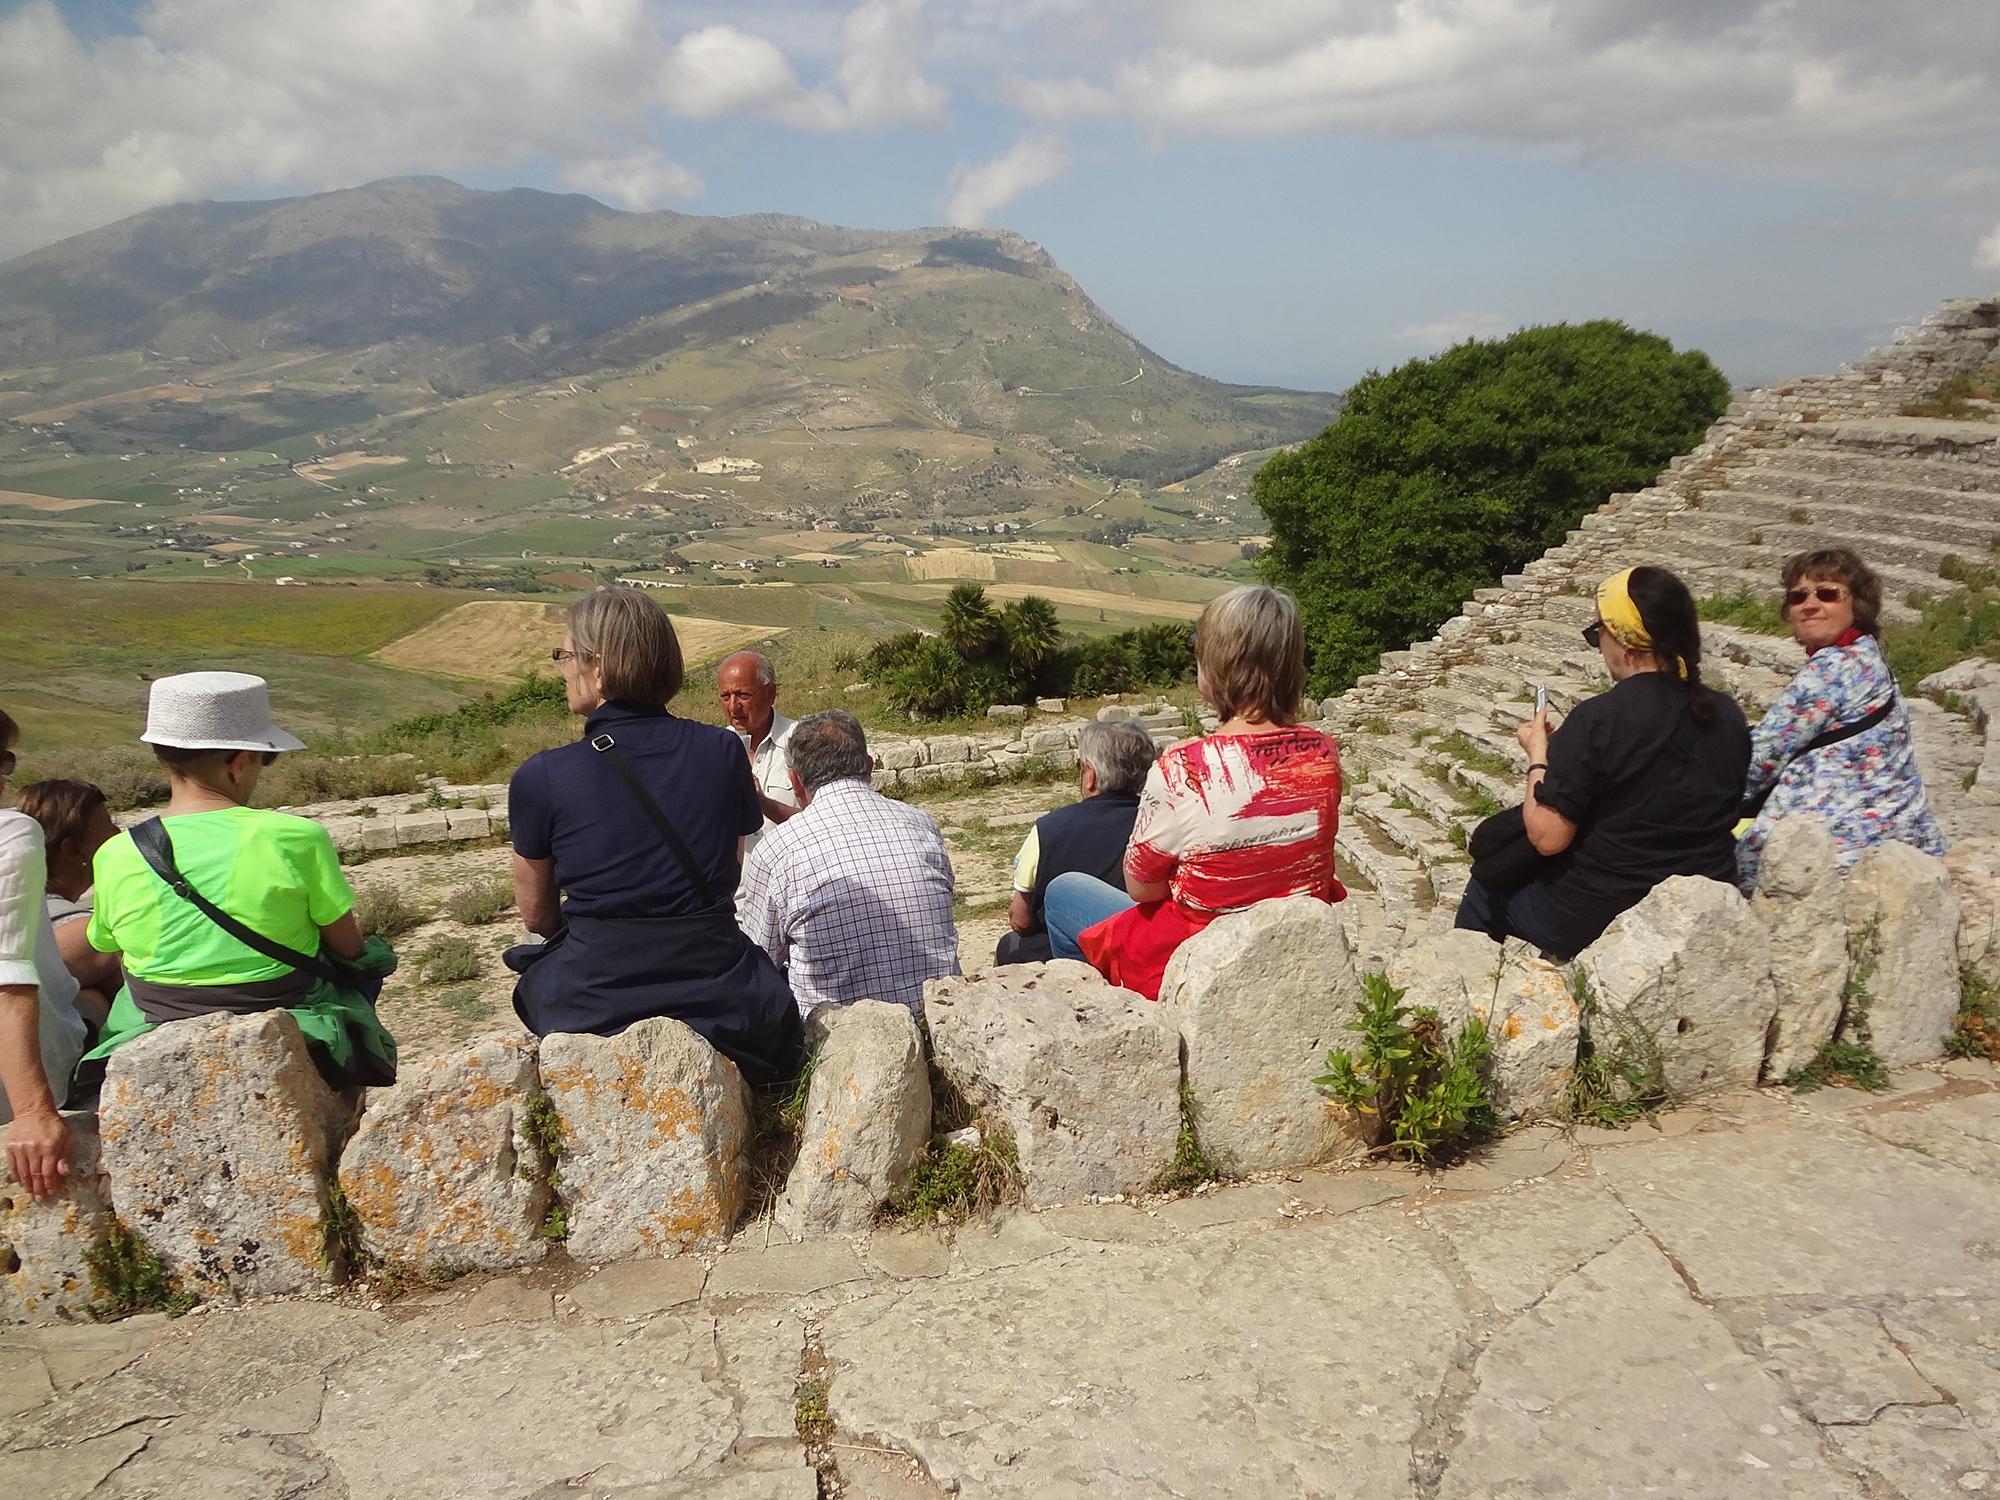 In hellenistischer Zeit floss der neue Reichtum Egestas in den Bau eines schmucken Theaters.